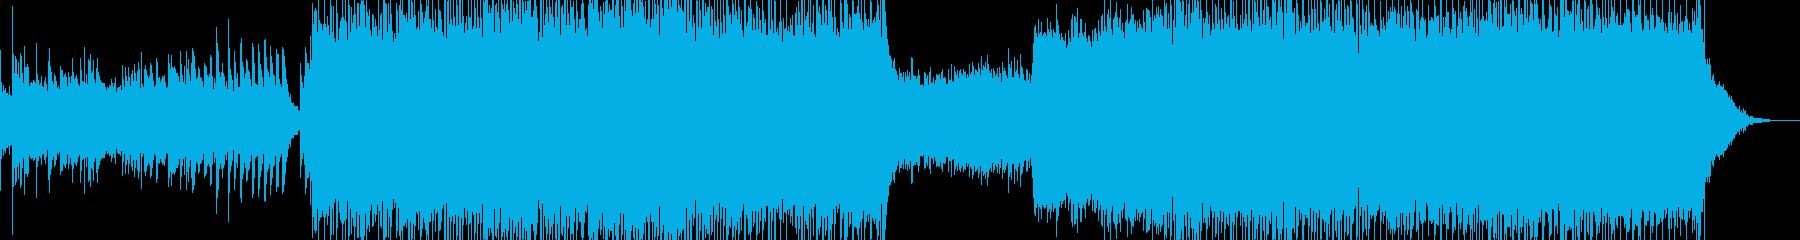 爽快なサマーソング・ピアノ・海の思い出の再生済みの波形